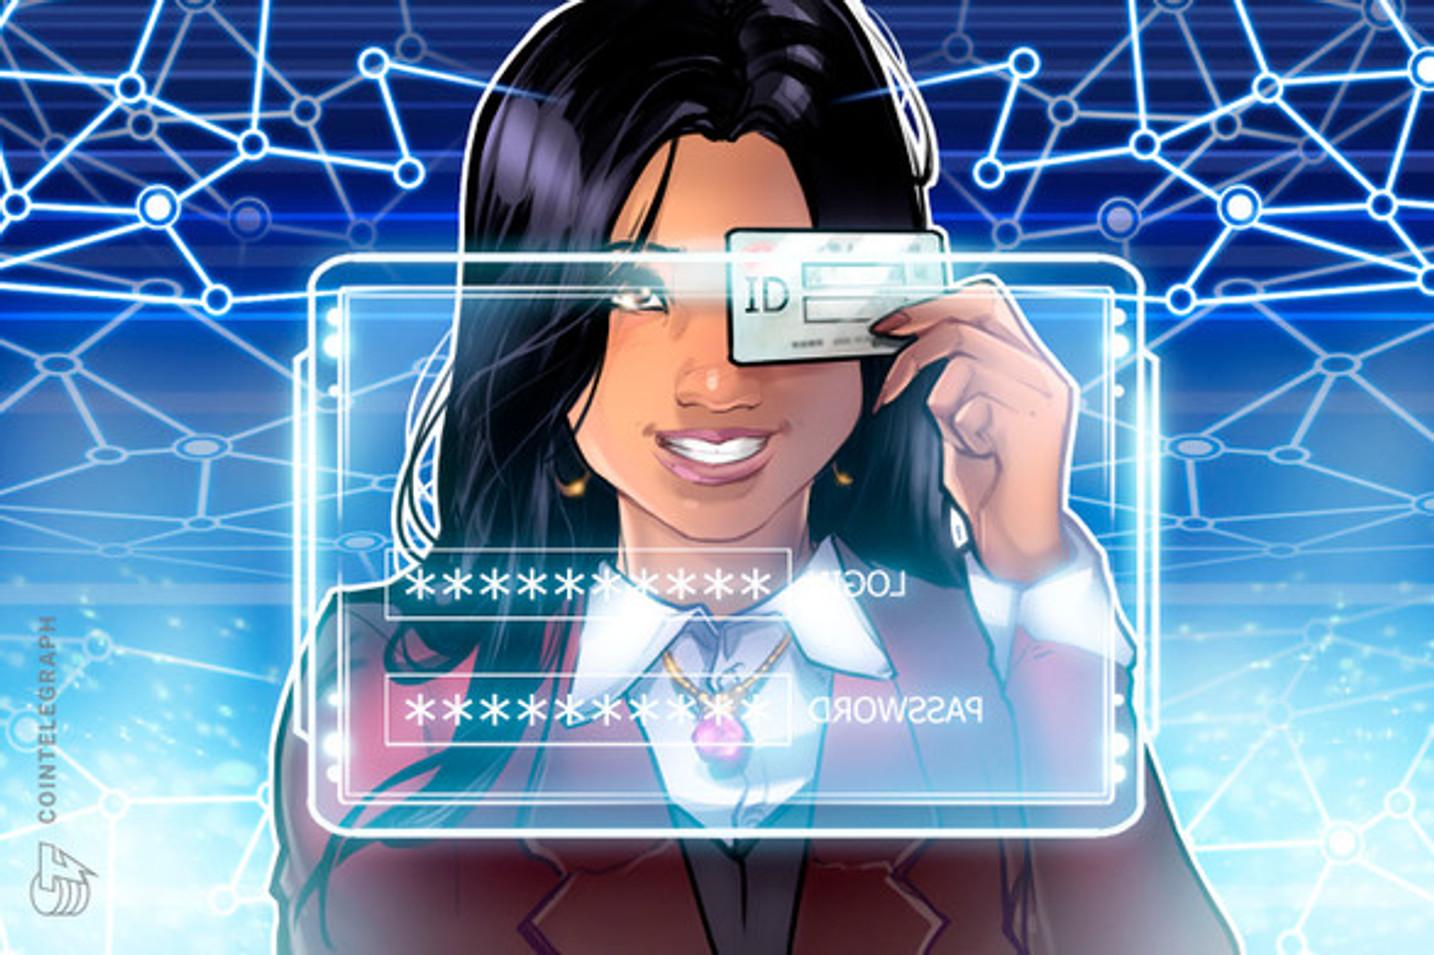 仮想通貨取引所ビットメックス、本人確認を義務化へ 28日から開始